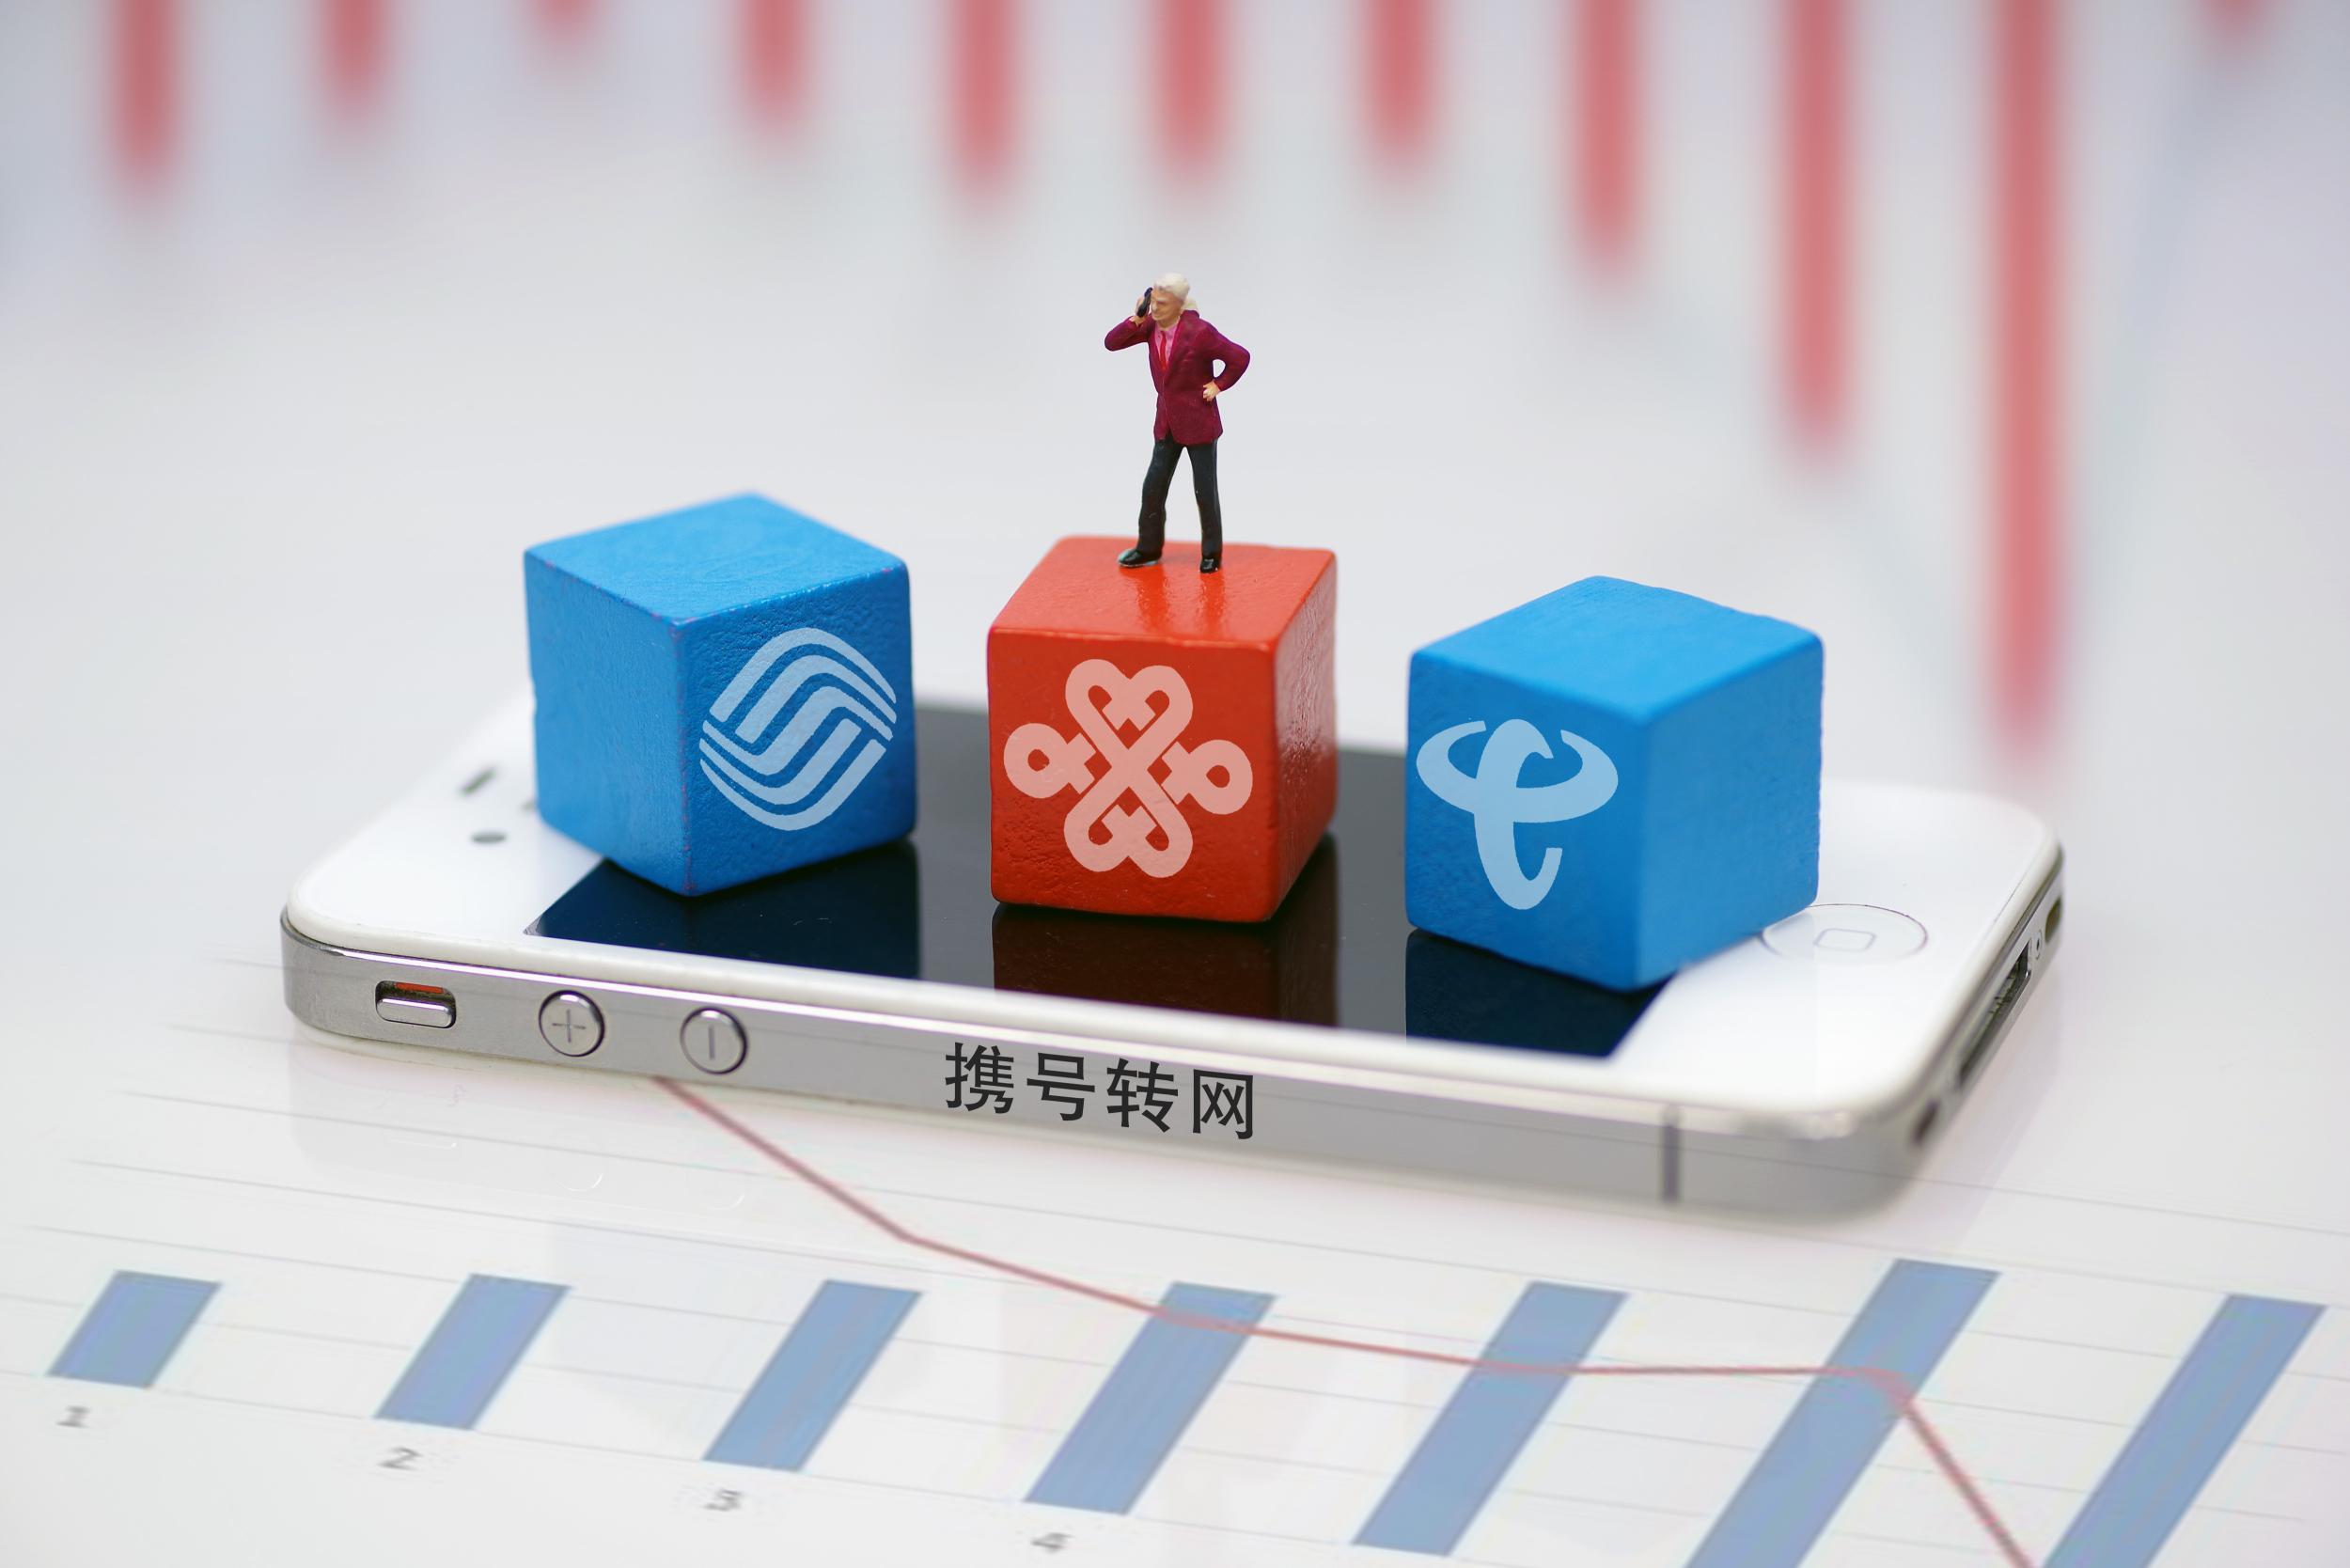 携号转网下月底全国实行 运营商发布优惠